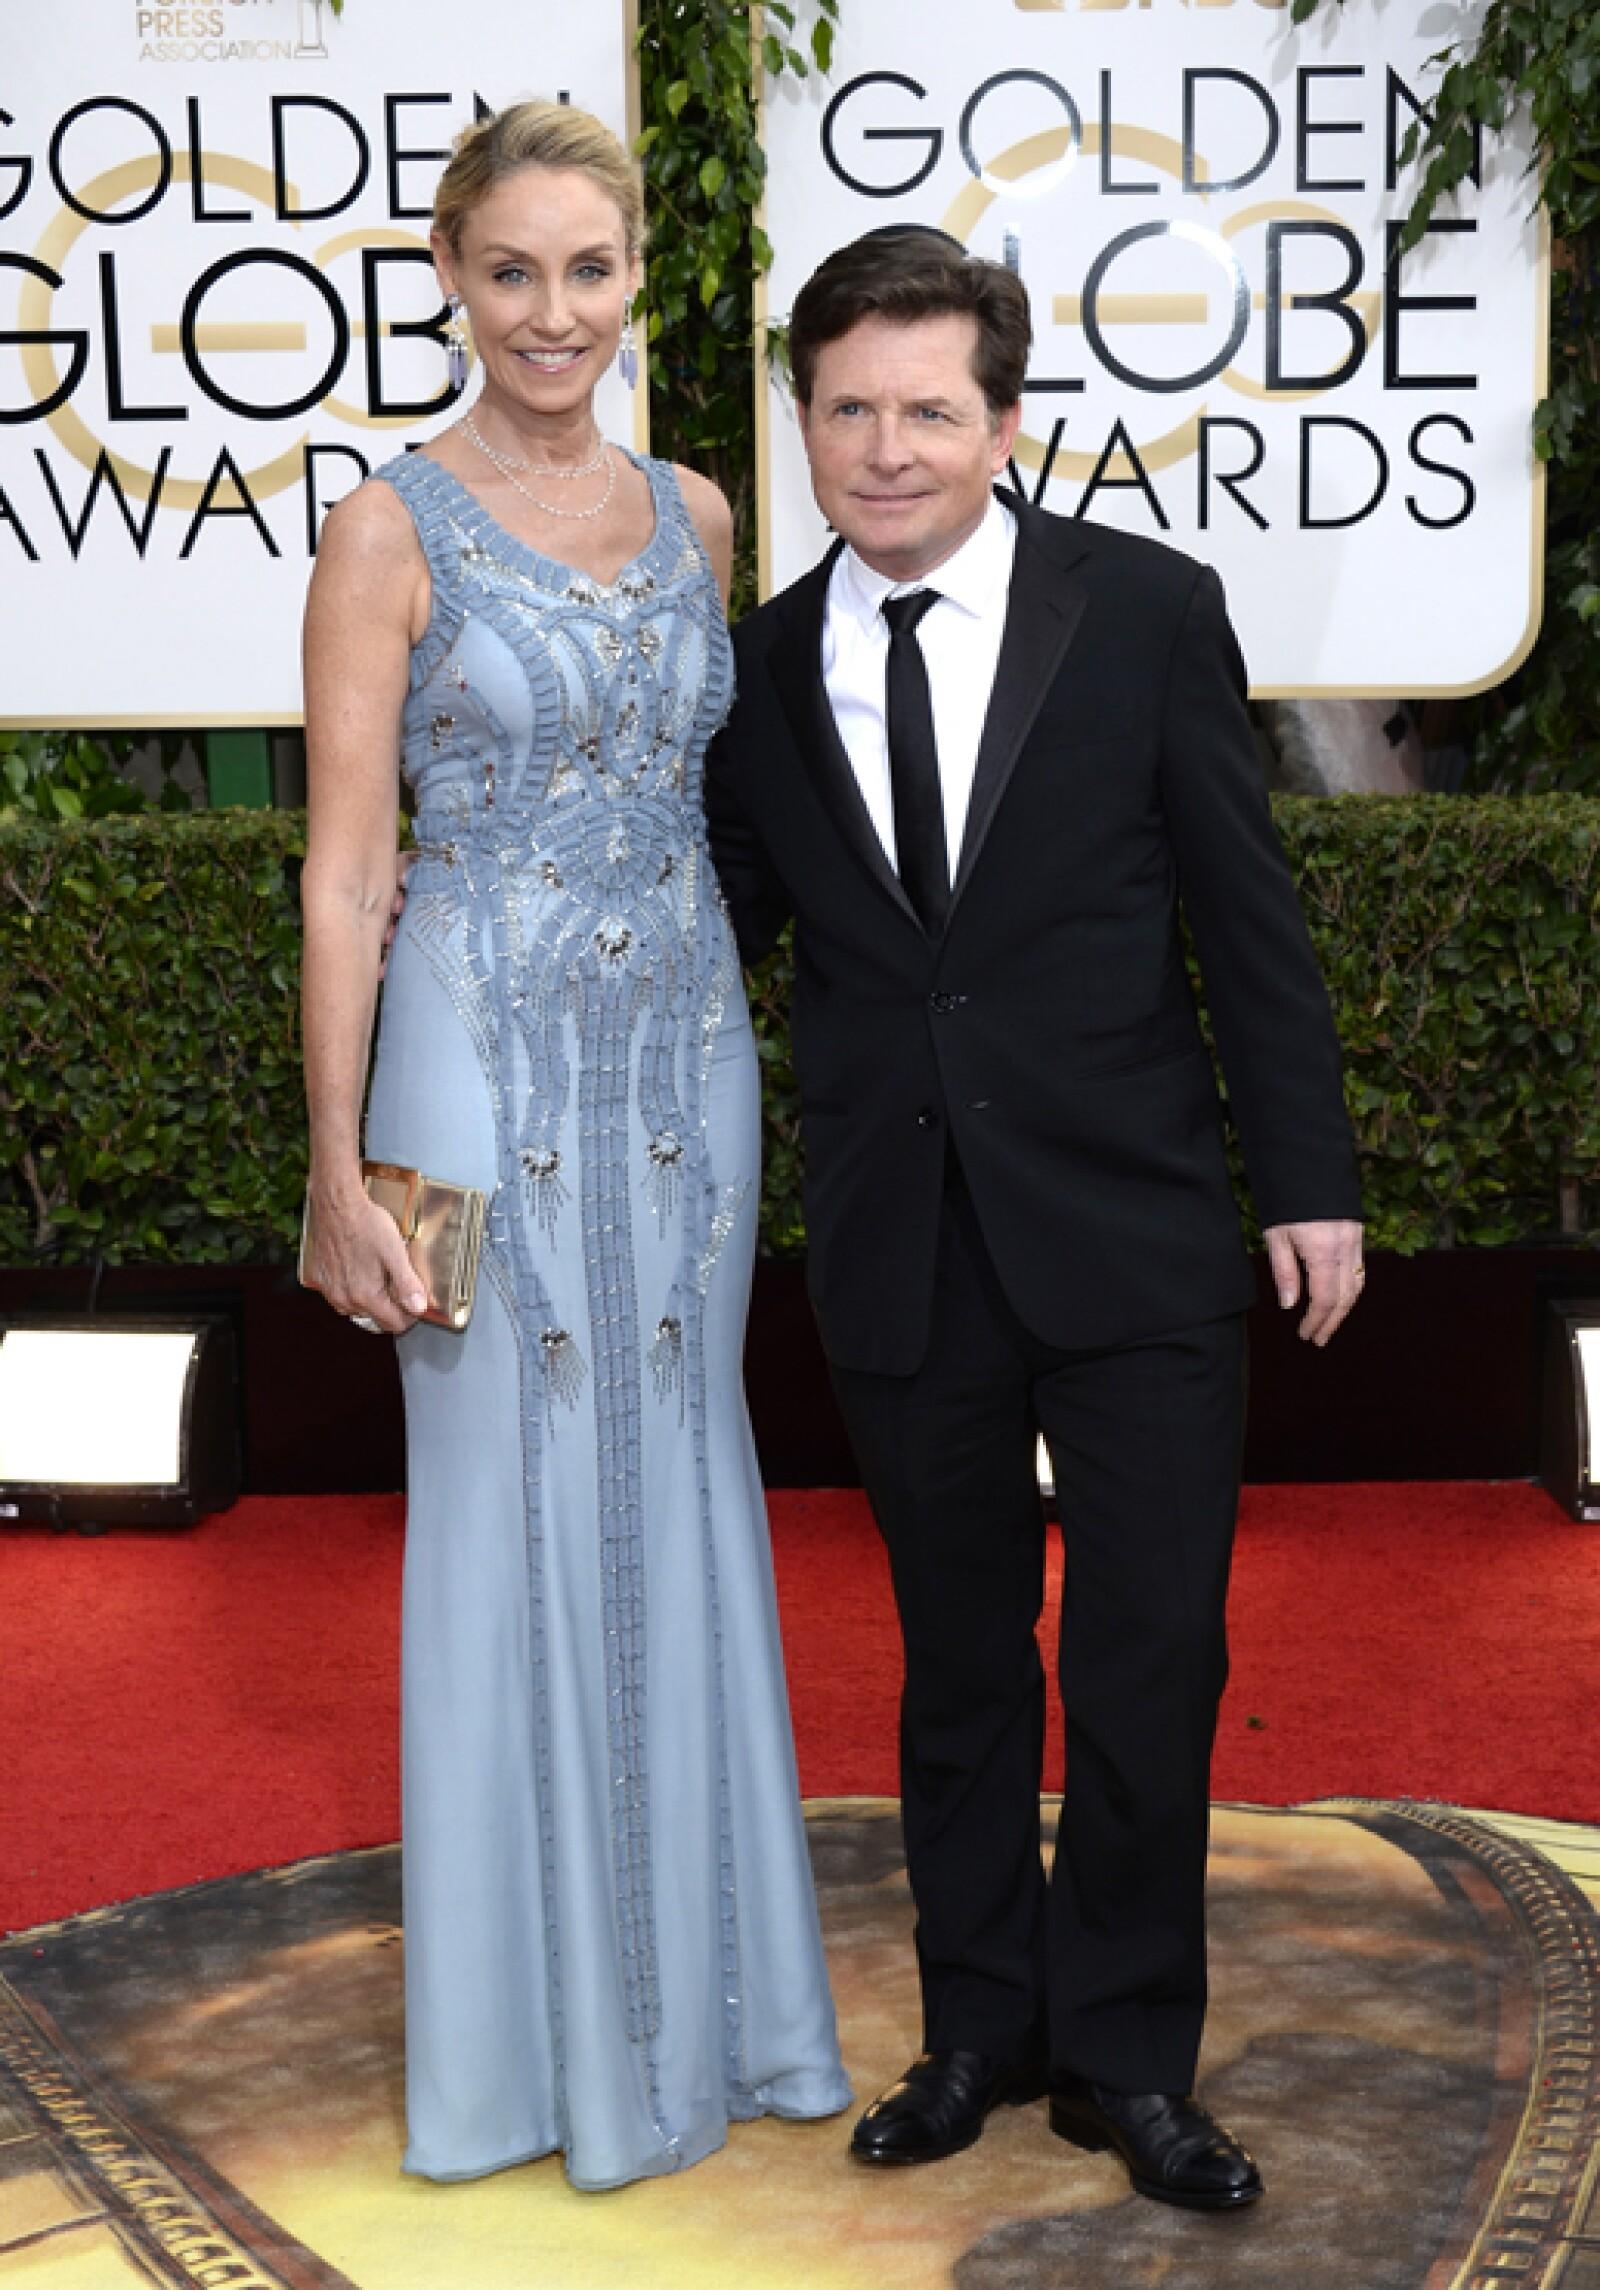 Michael J. Fox llegó a la red carpet con su esposa Tracy Pollan además de muchas esperanzas de ganar el premio al Mejor Actor de Comedia.